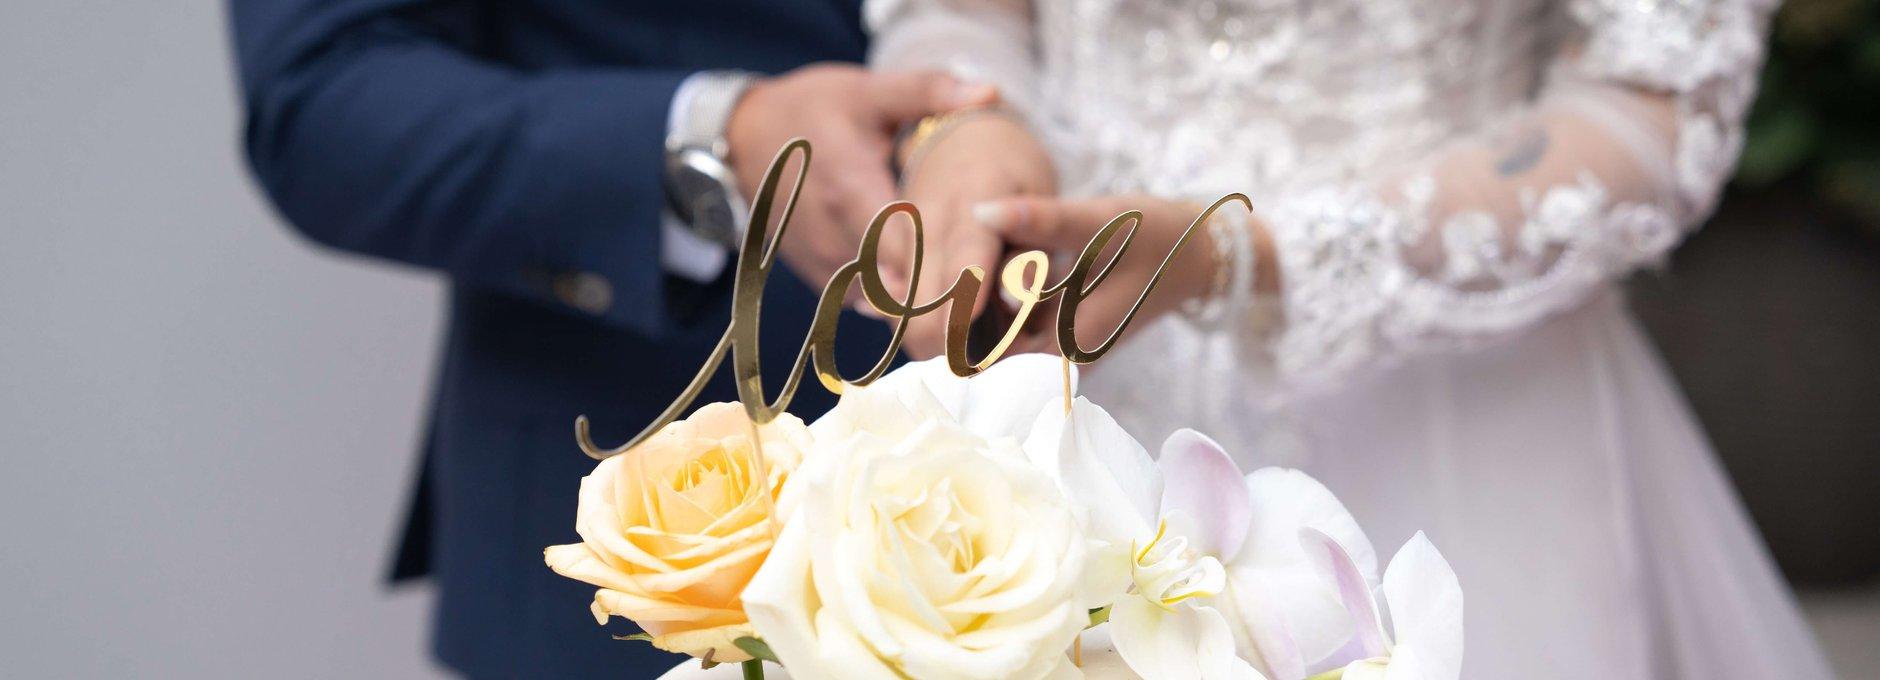 wedding-dreamz-YAZvMNdxFSY-unsplash.jpg